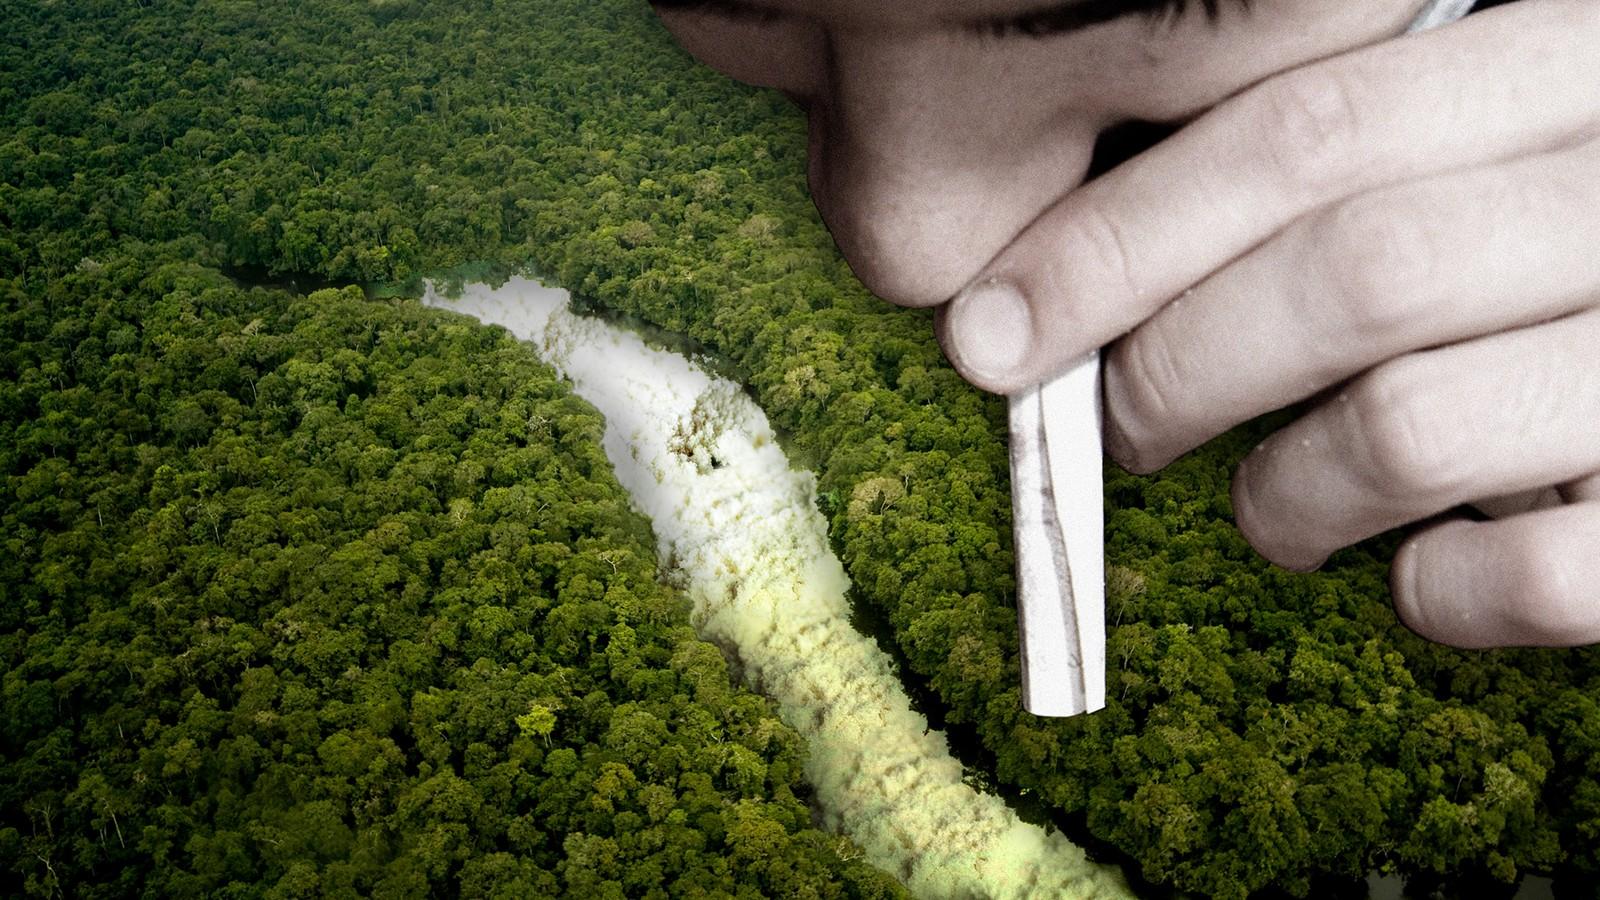 Warum Menschen Drogen nehmen, obwohl sie wissen, dass es Mensch und Natur killt